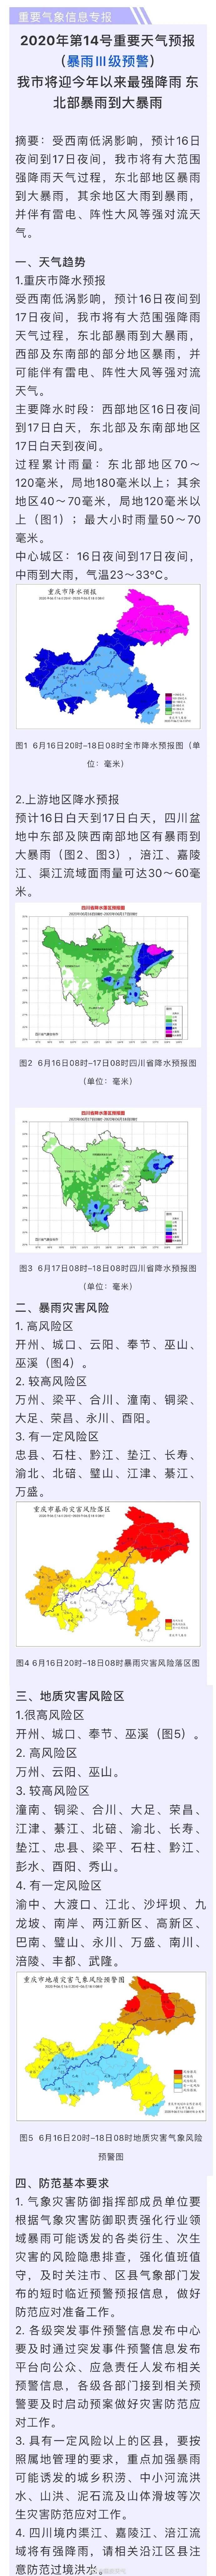 重要天气预报!重庆将迎今年以来最强降雨